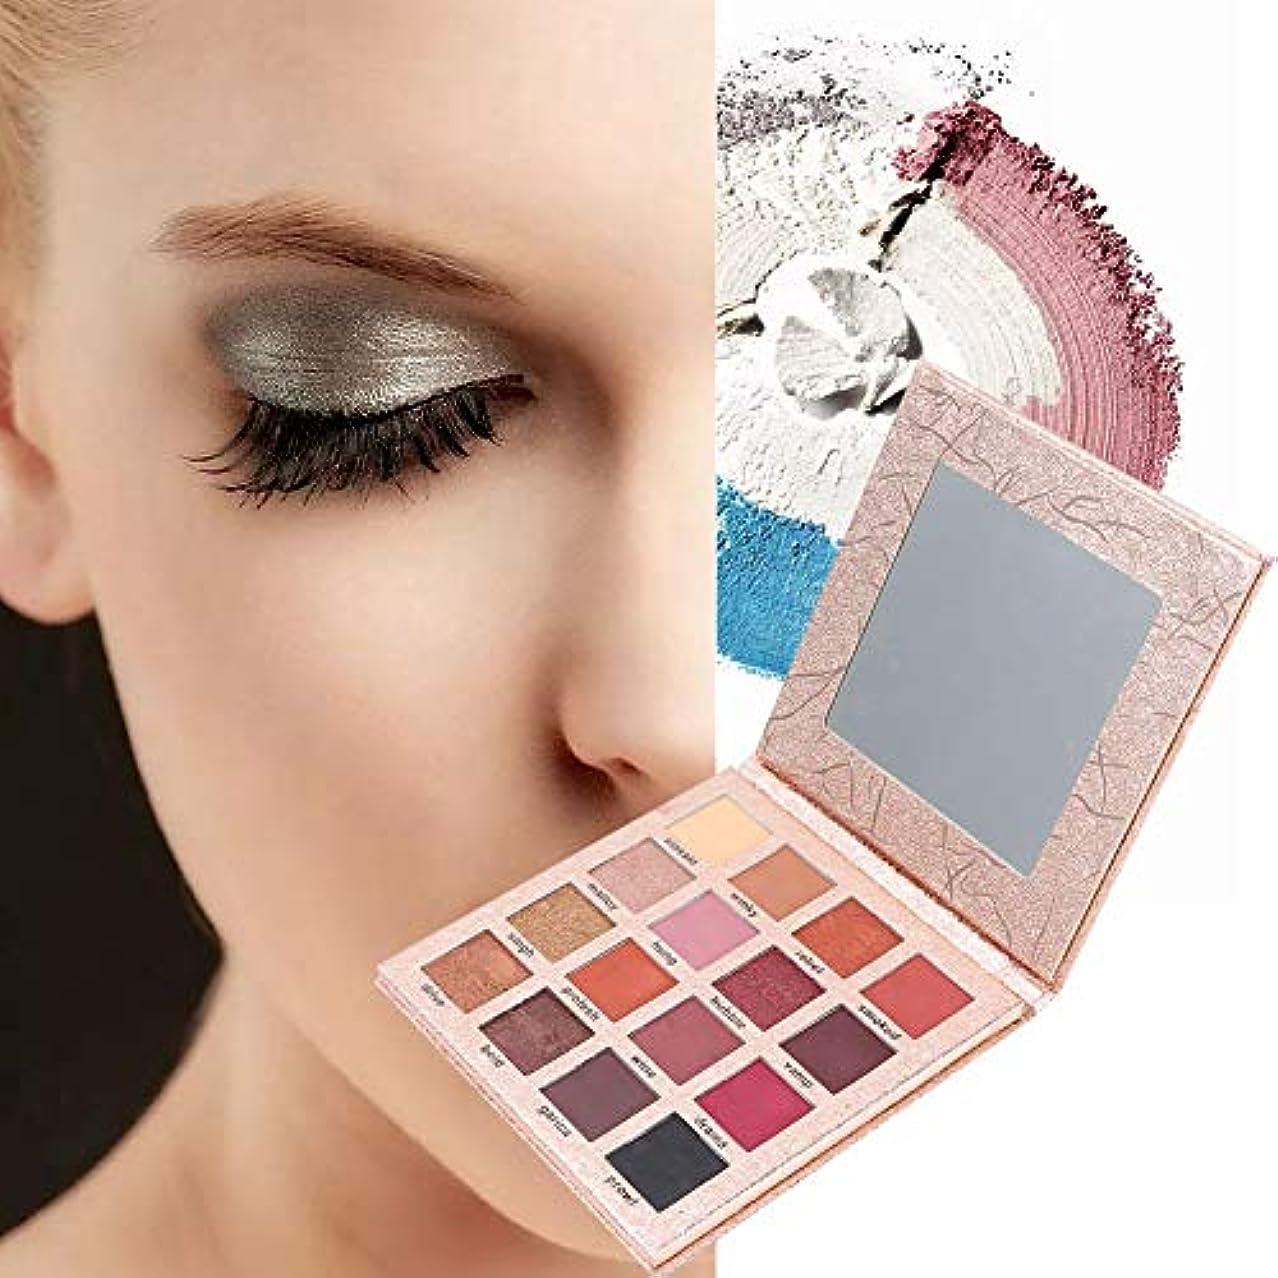 収容するアクションボックスアイシャドウパレット 16色 アイシャドウパレット 化粧マット グロス アイシャドウパウダー 化粧品ツール